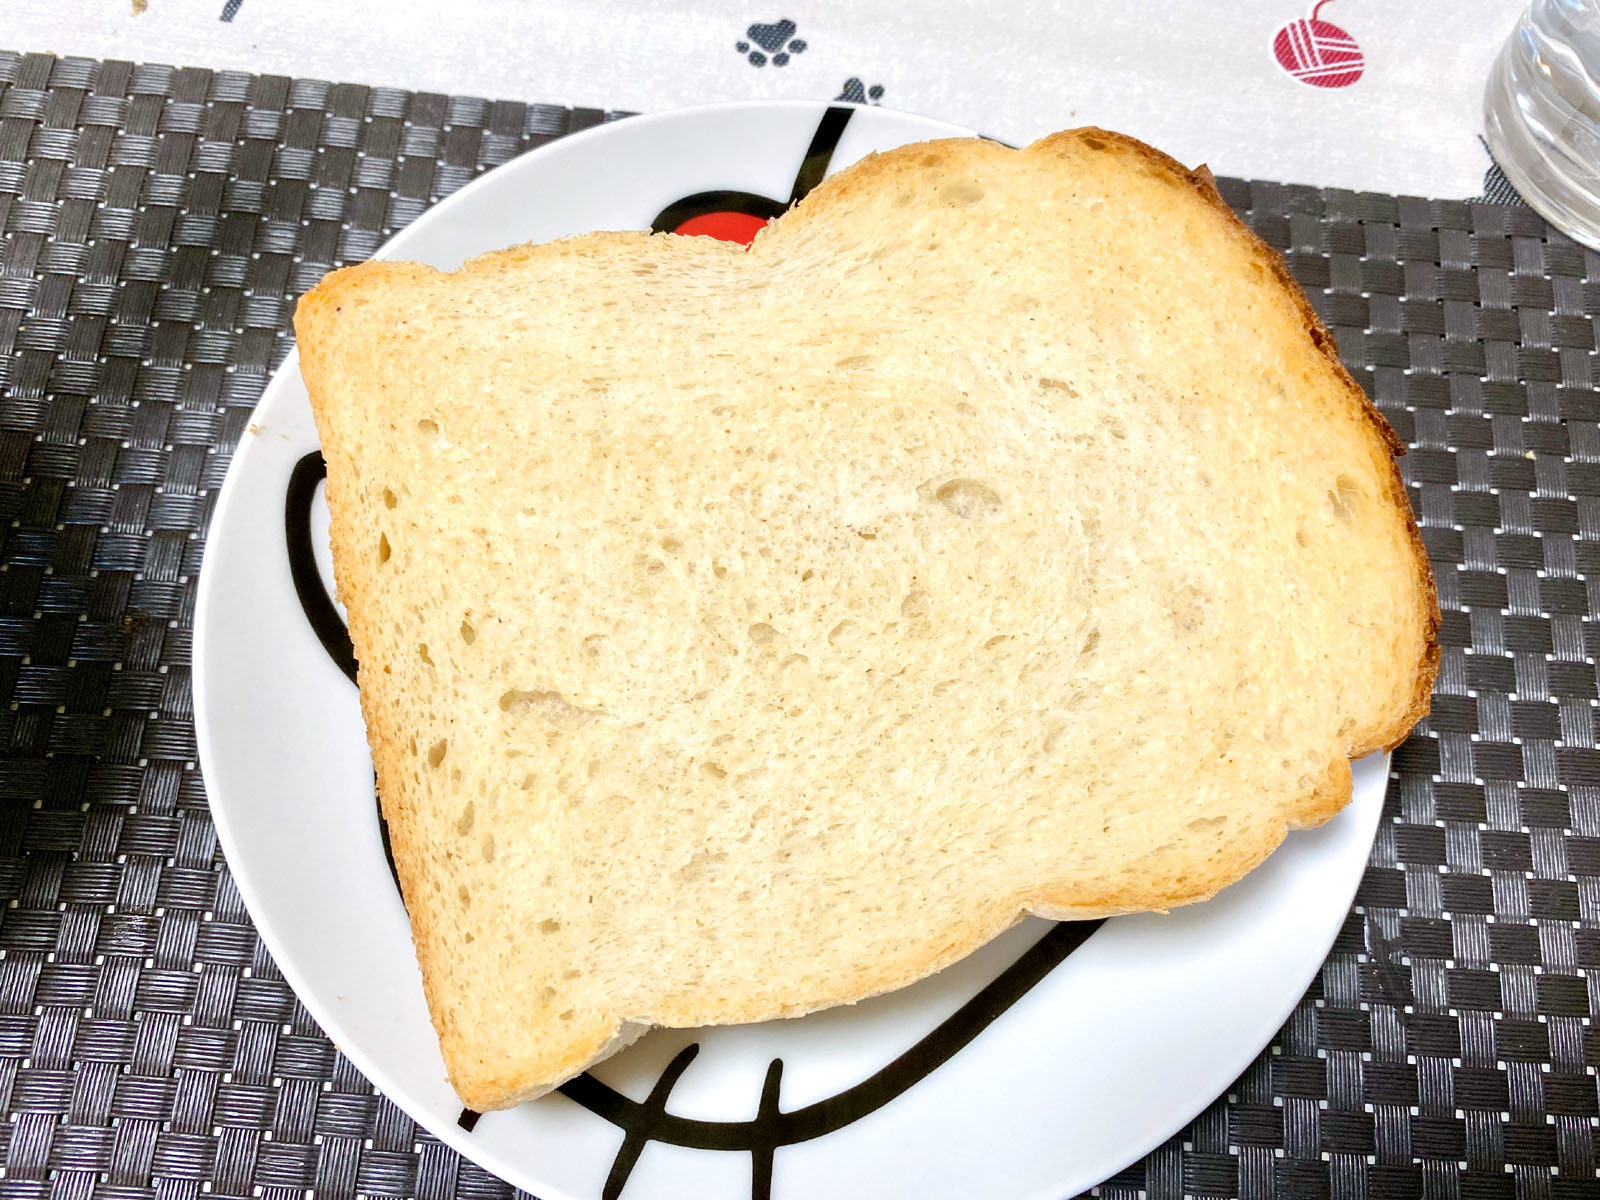 薪焼きパン 小麦堂の食パン切り分け済み